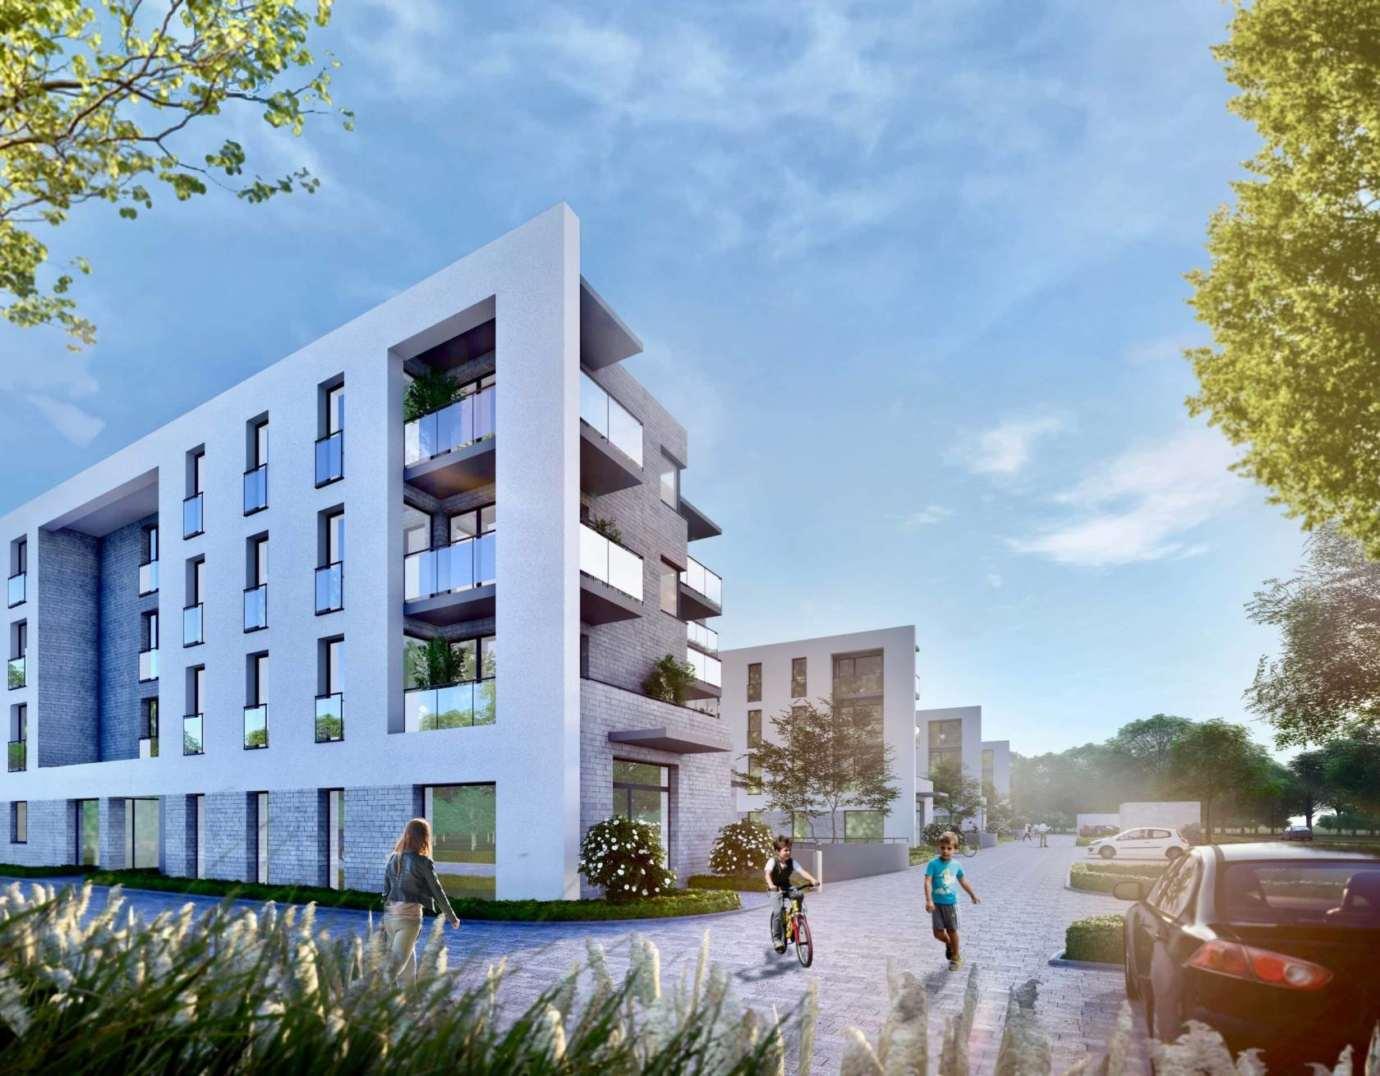 zam lipska 1 2 Nowe atrakcyjne mieszkania już w sprzedaży